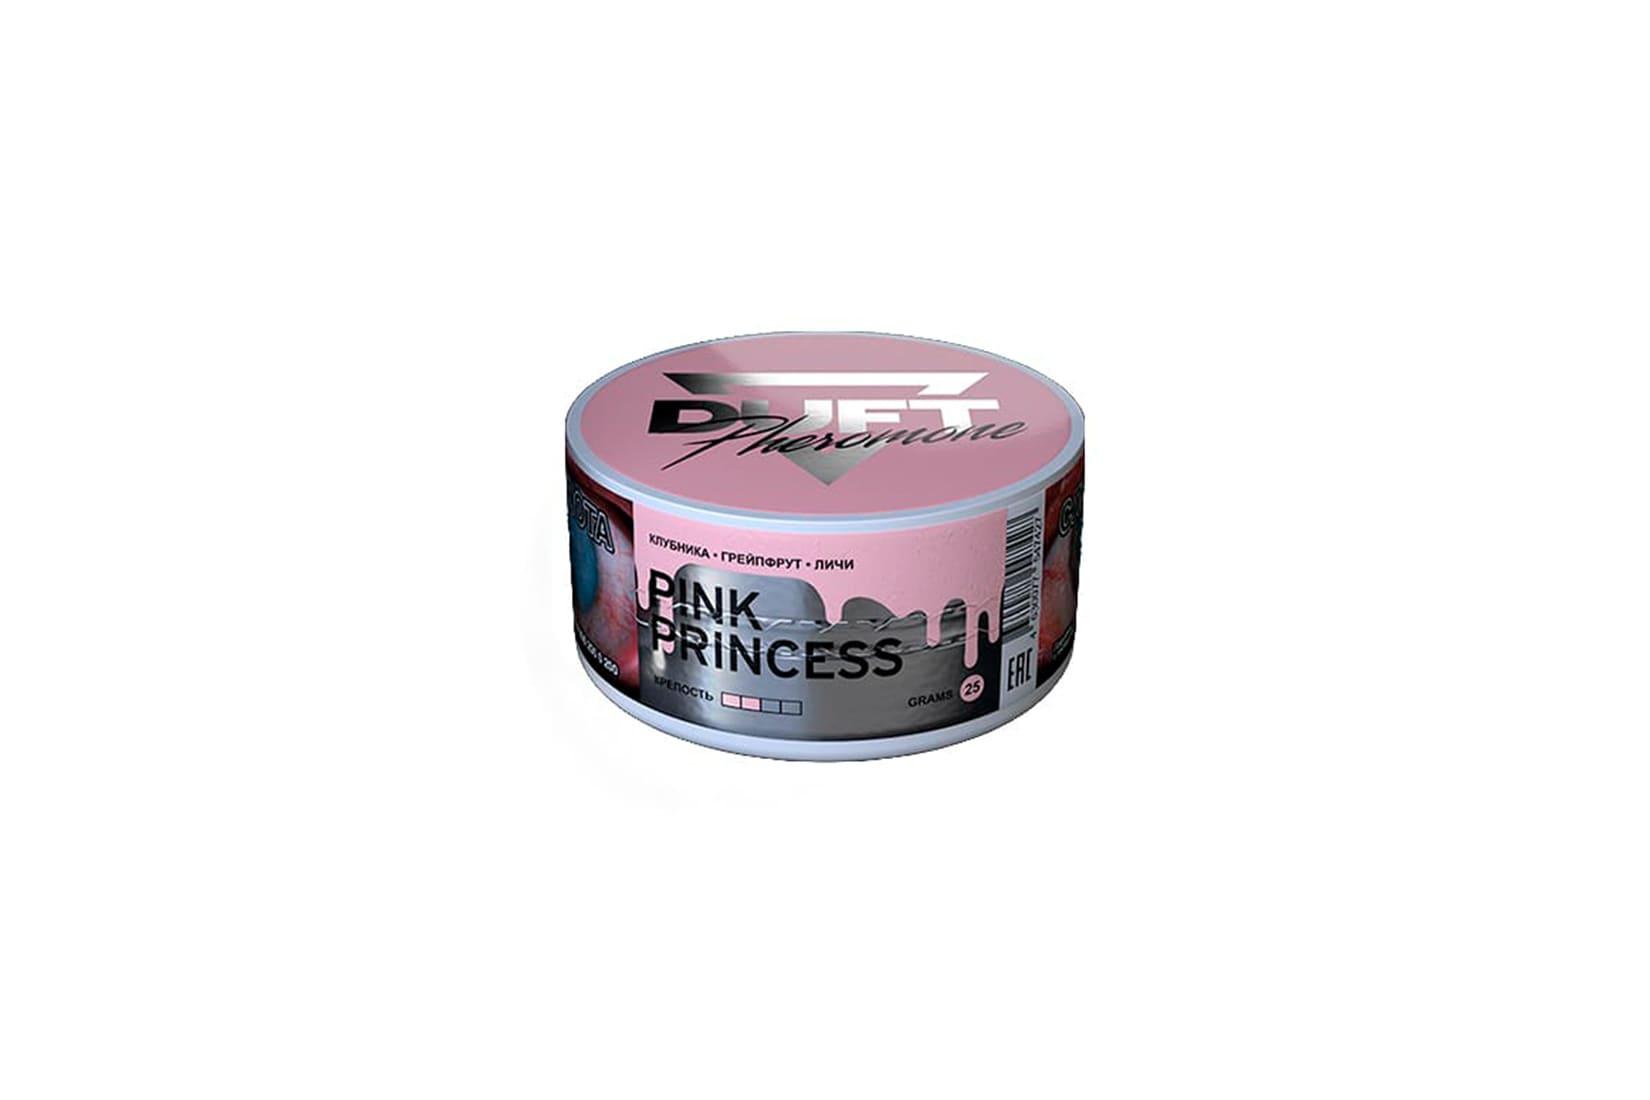 Табак для кальяна Duft Pheromon PINK PRINCESS: описание, миксы, отзывы